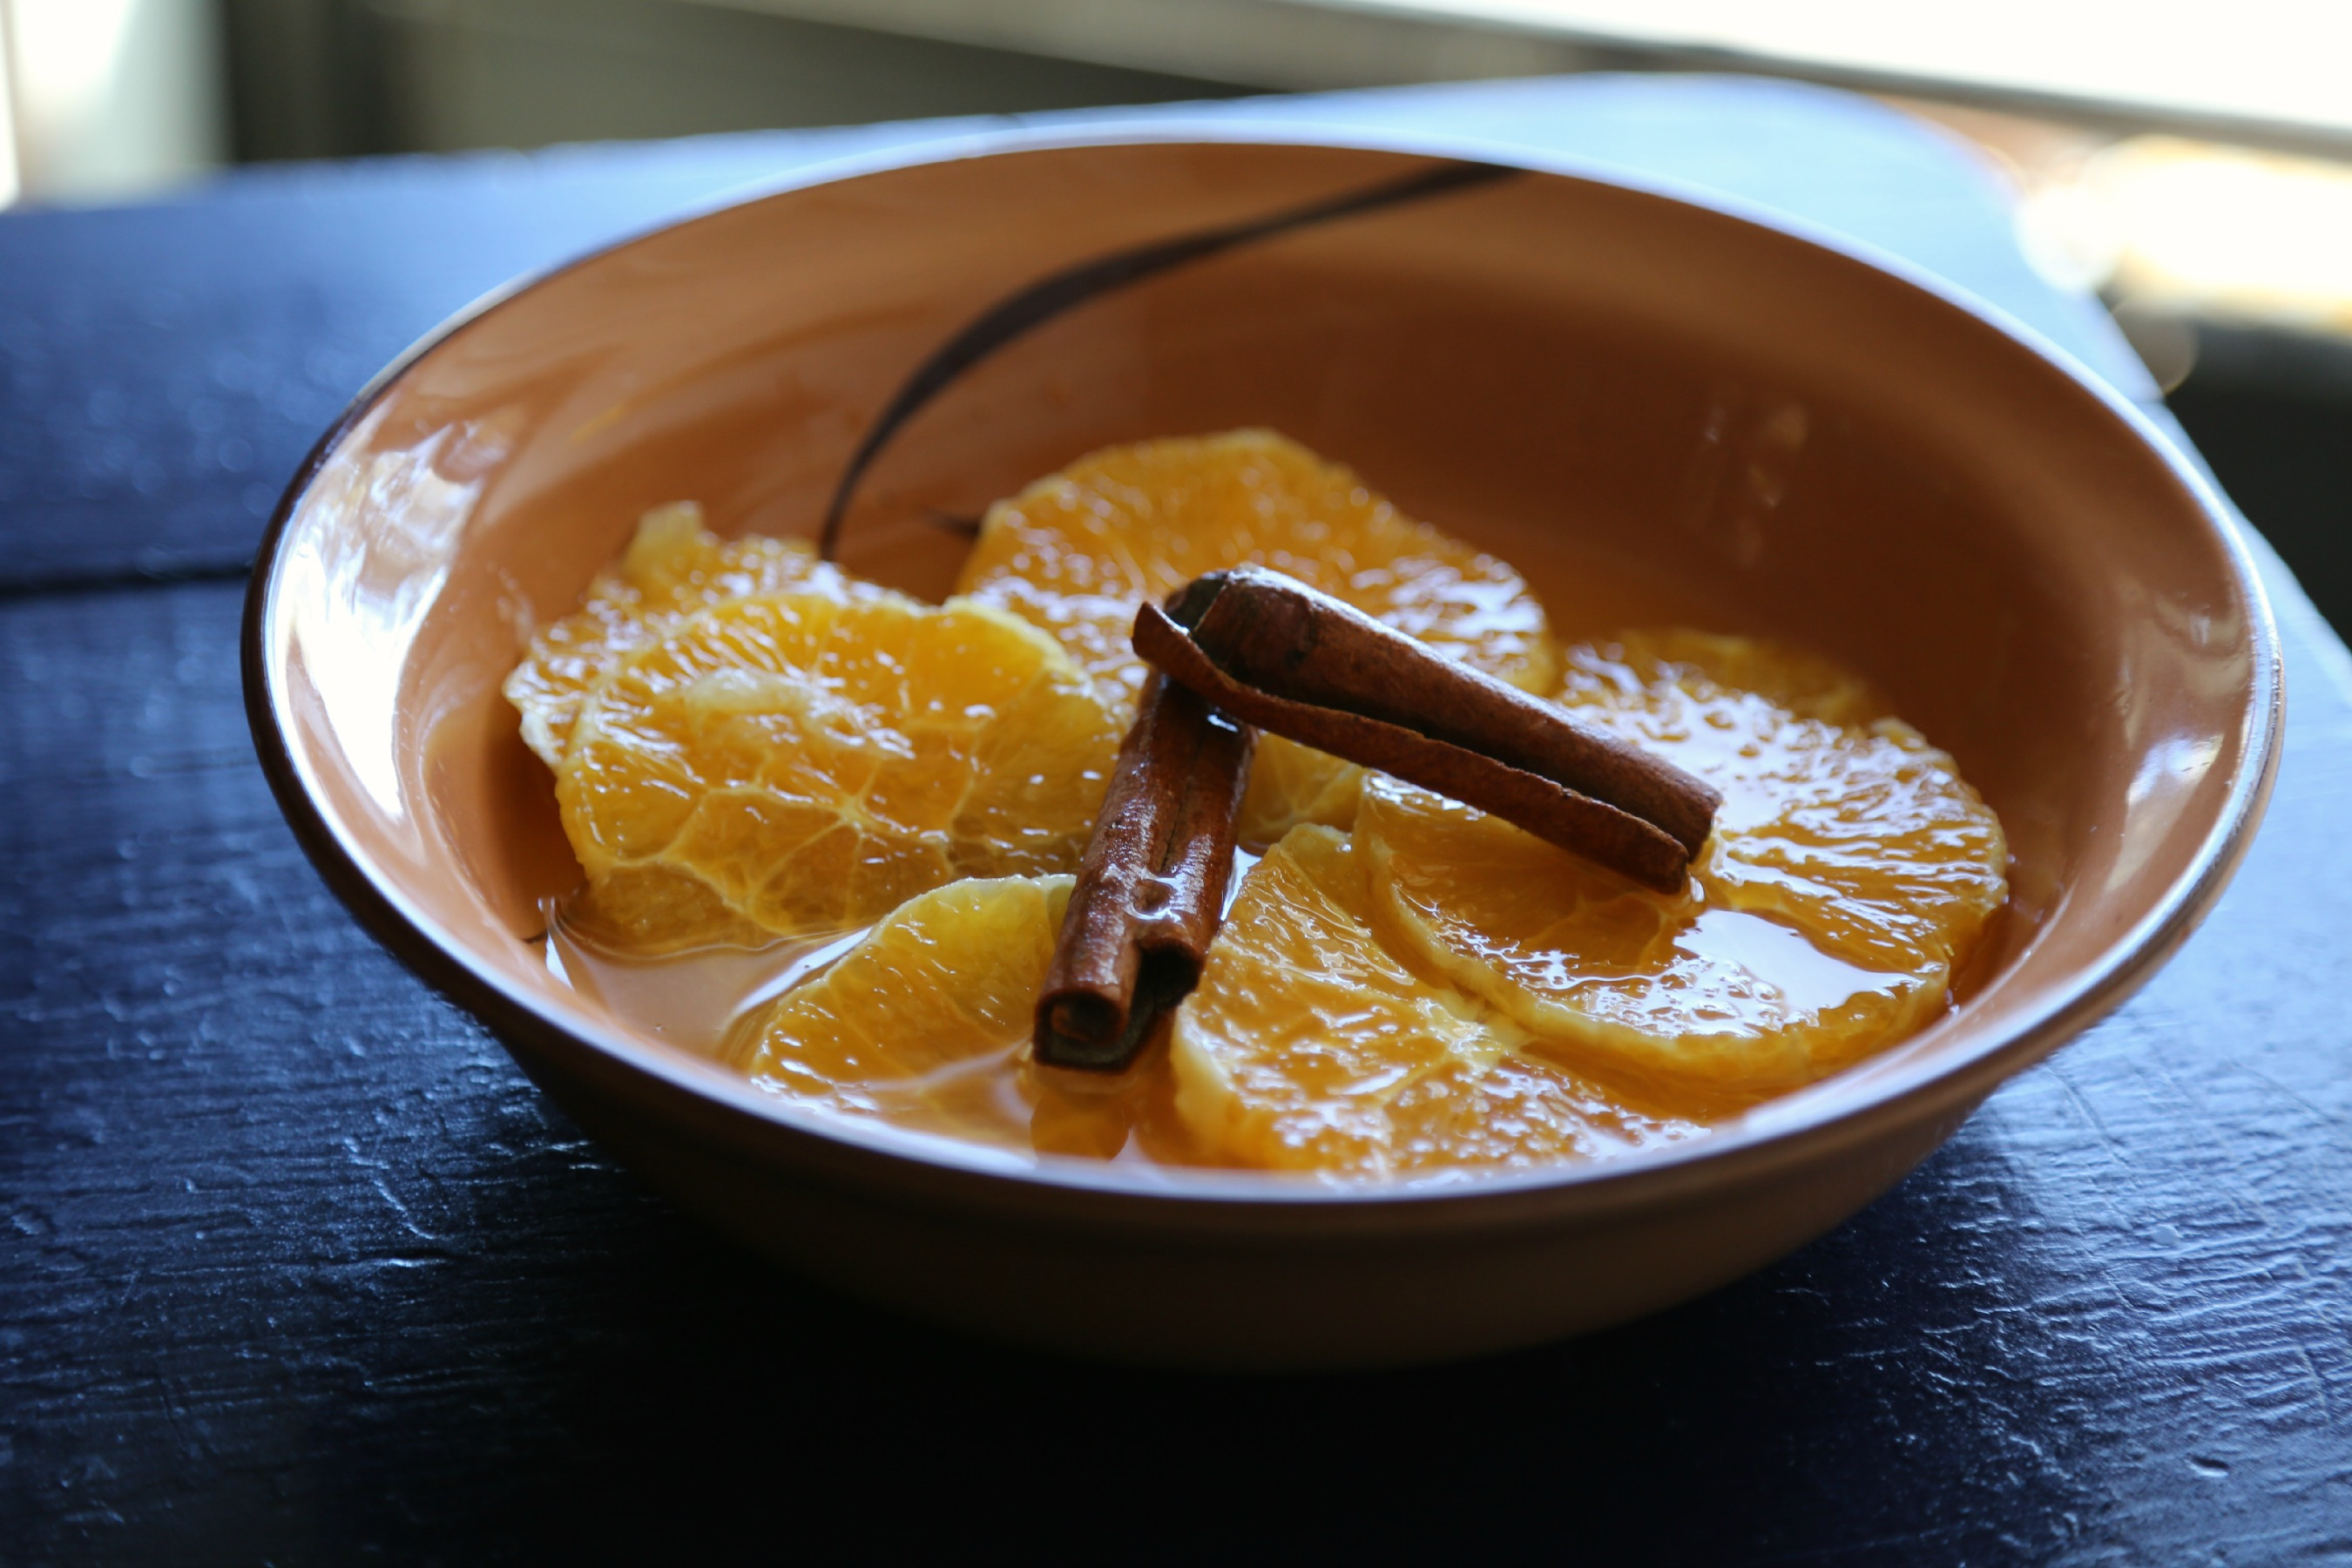 cinnamon-oranges-VianneyRodriguez-sweetlifebake